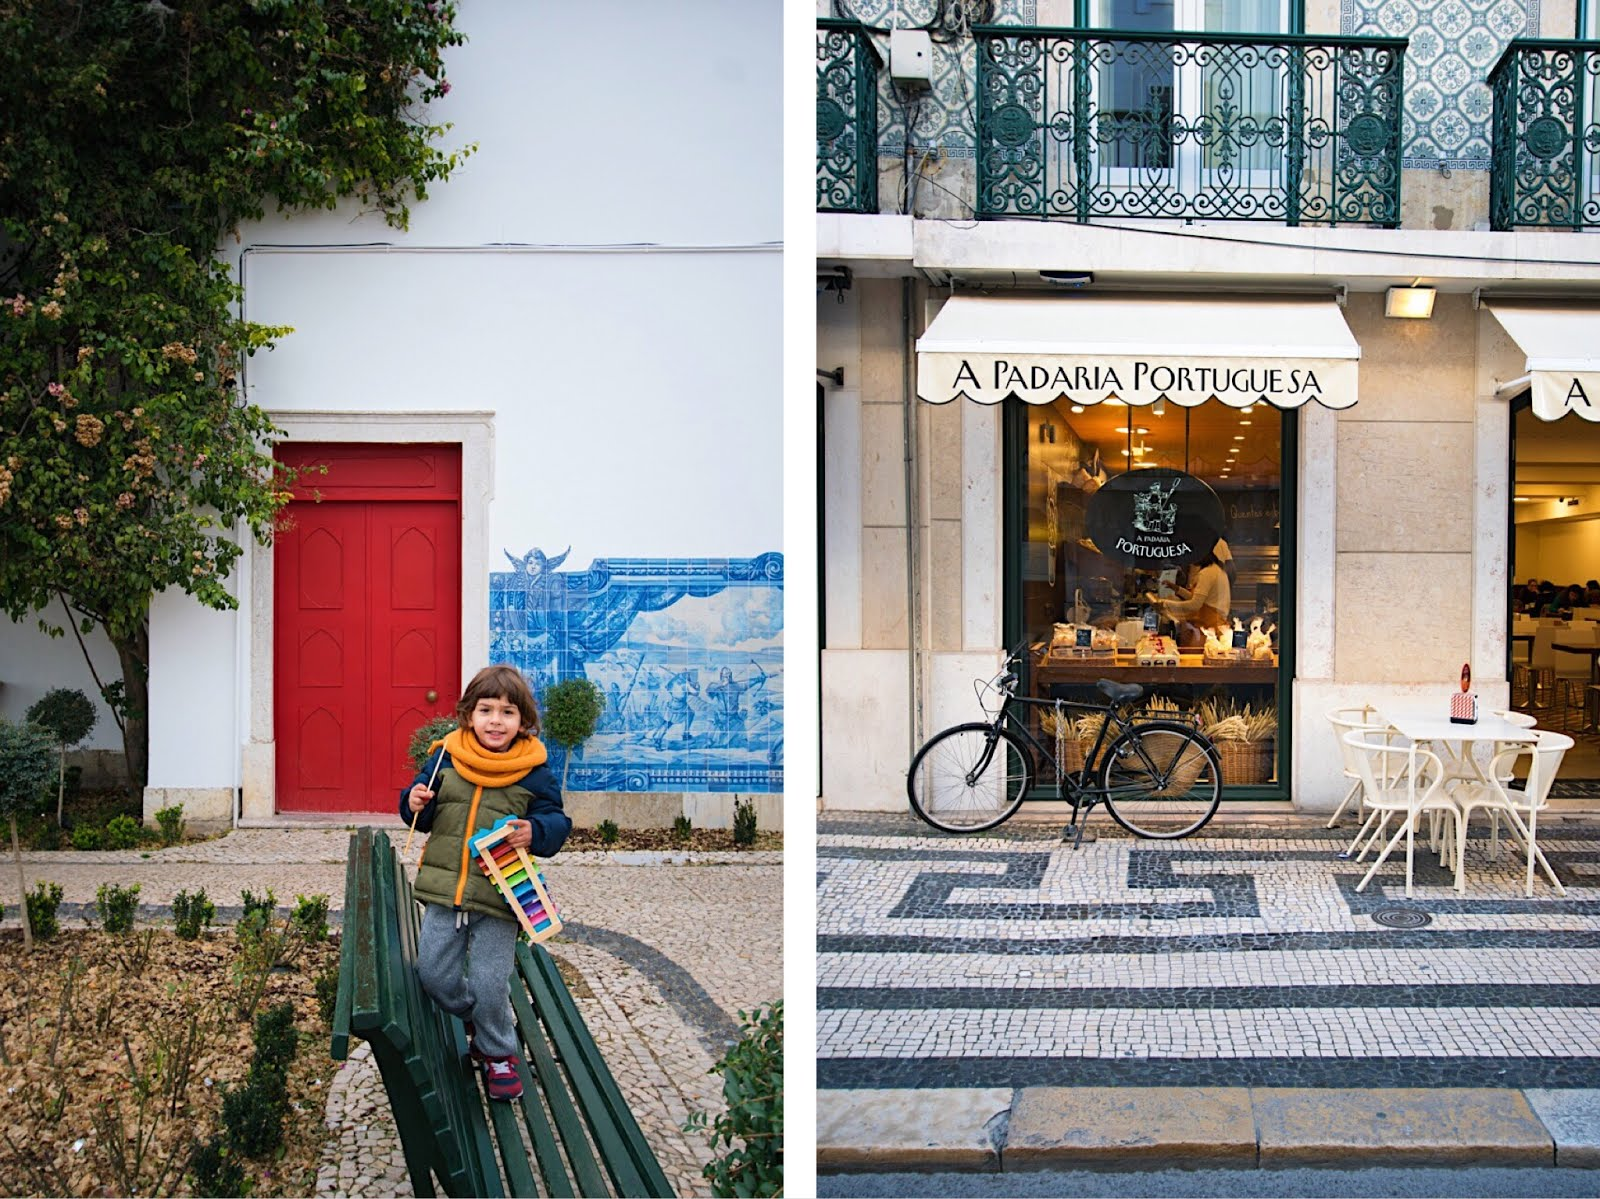 Arte Boheme, Federica Molini, Miami Blogger, lisbon aquarium, visit lisbon, Lisboa, puerta del sol lisboa, puerta de sol, portas do sol